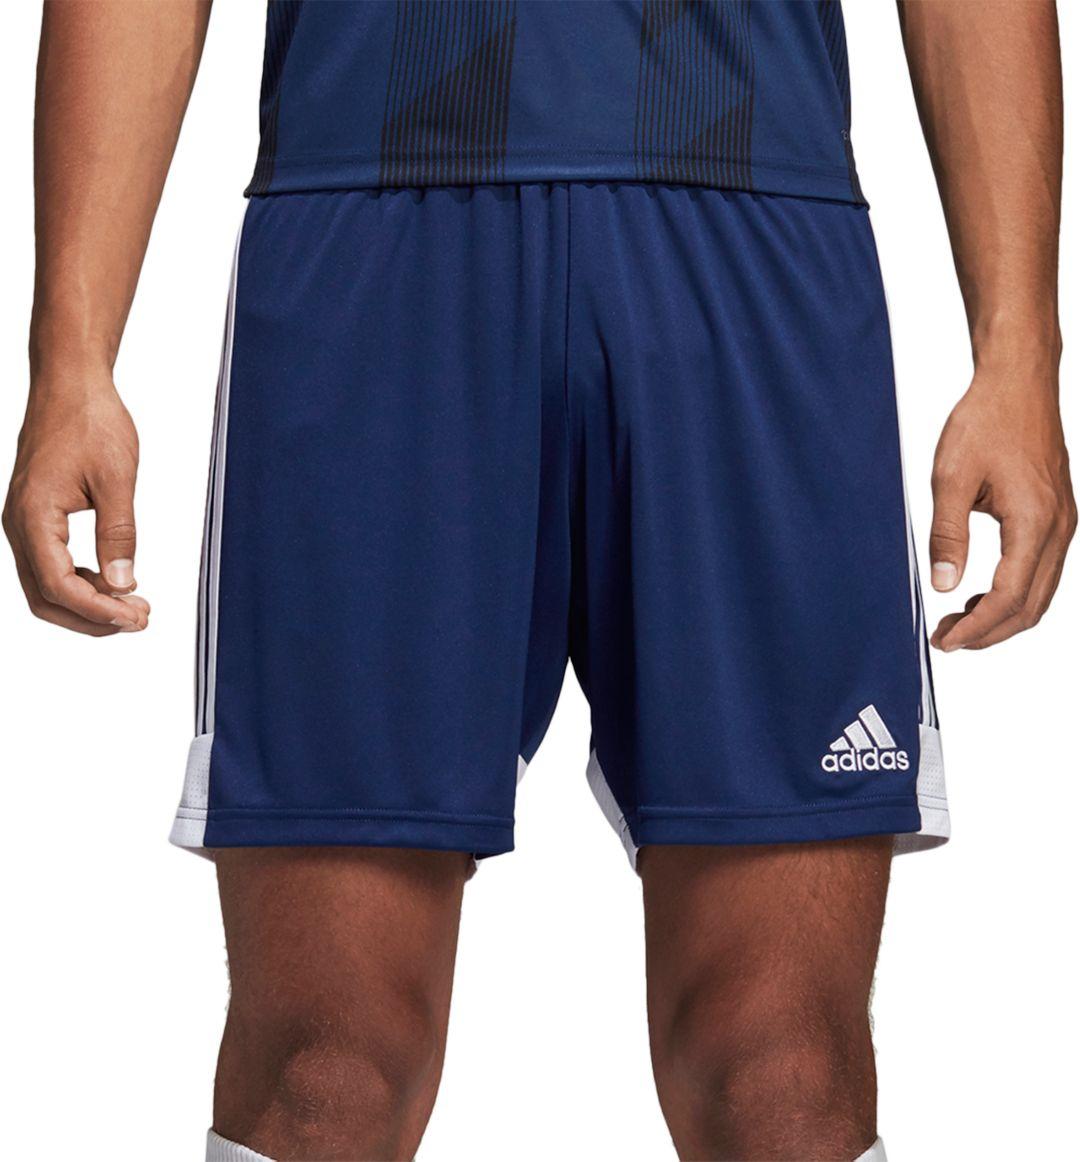 adidas Men's Tastigo 19 Soccer Shorts